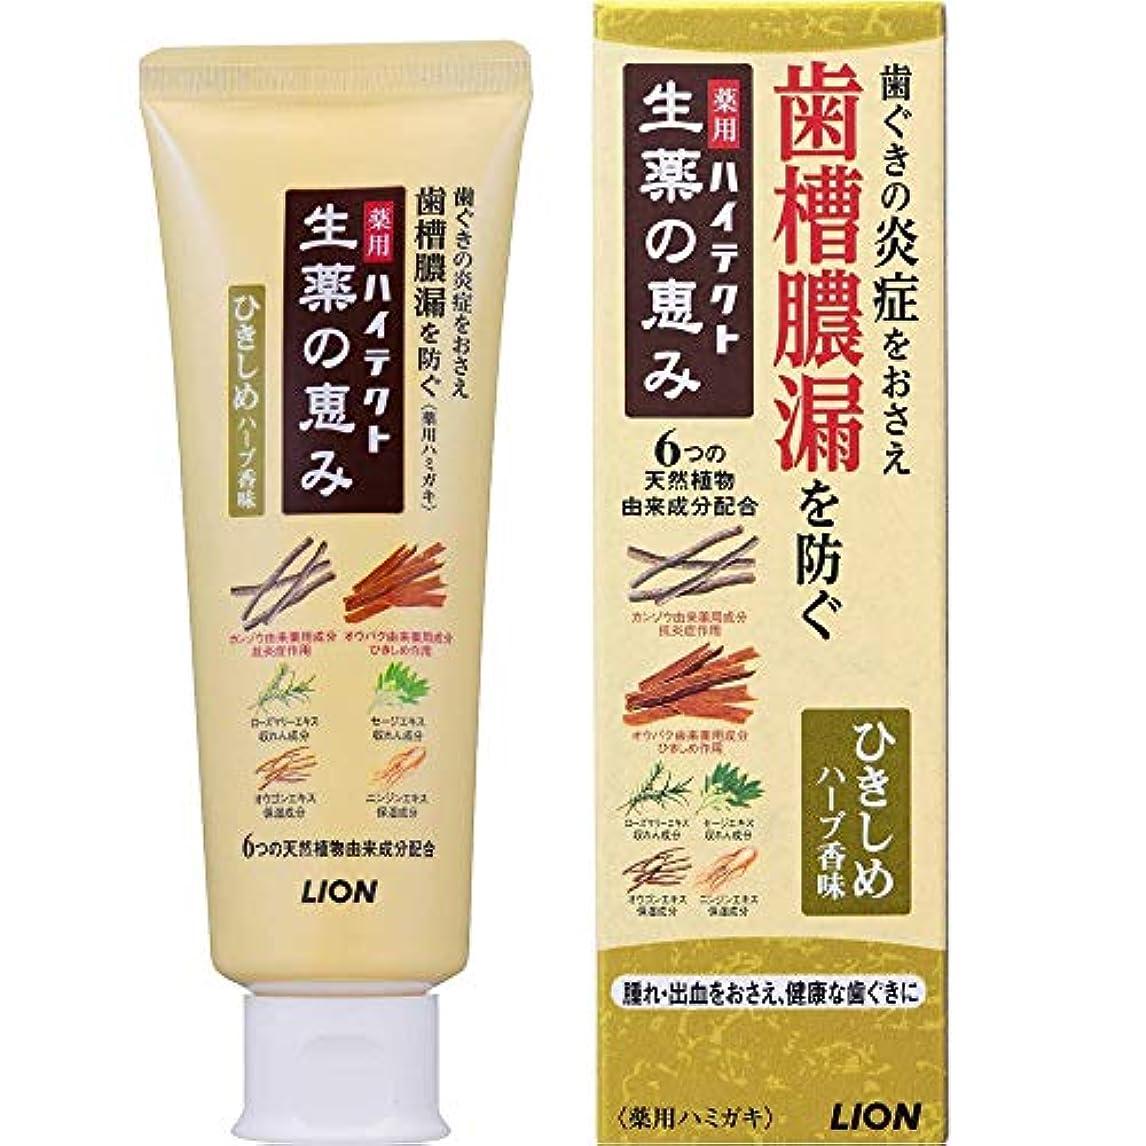 ブランチ欠陥要求する薬用ハイテクト生薬の恵み ひきしめハーブ香味 90g (医薬部外品)